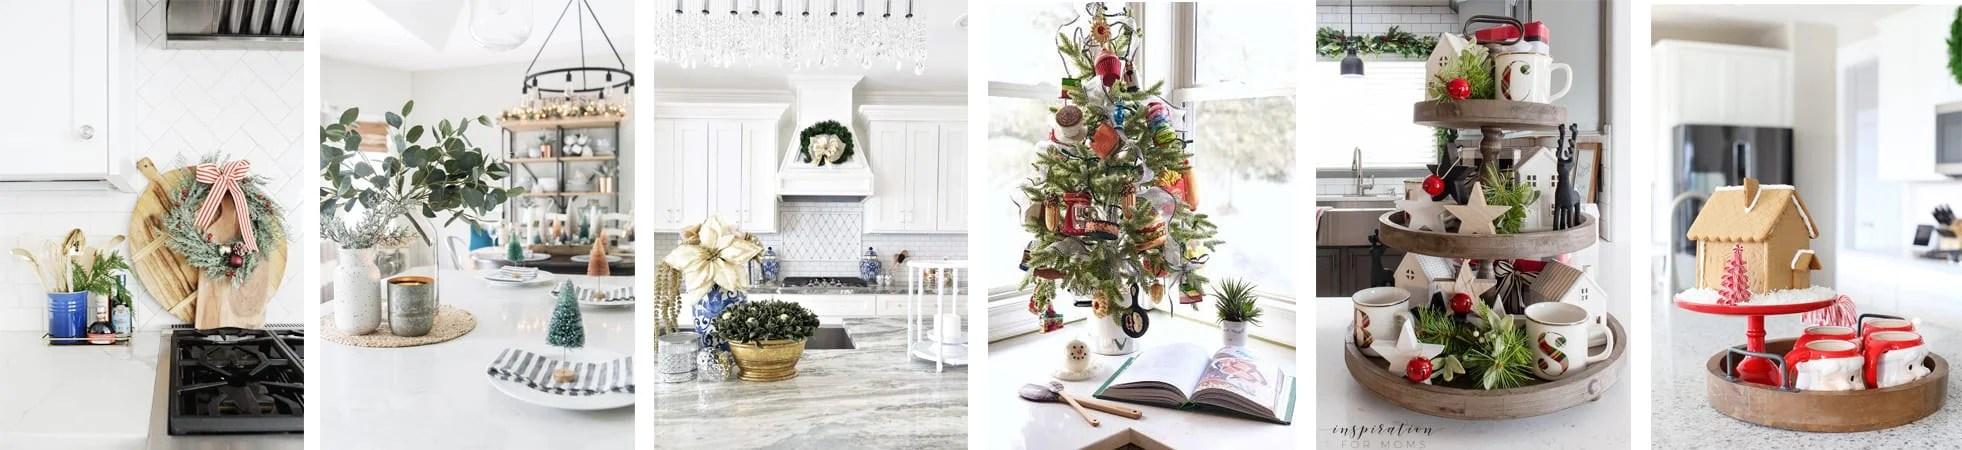 Monday collage christmas kitchen tour